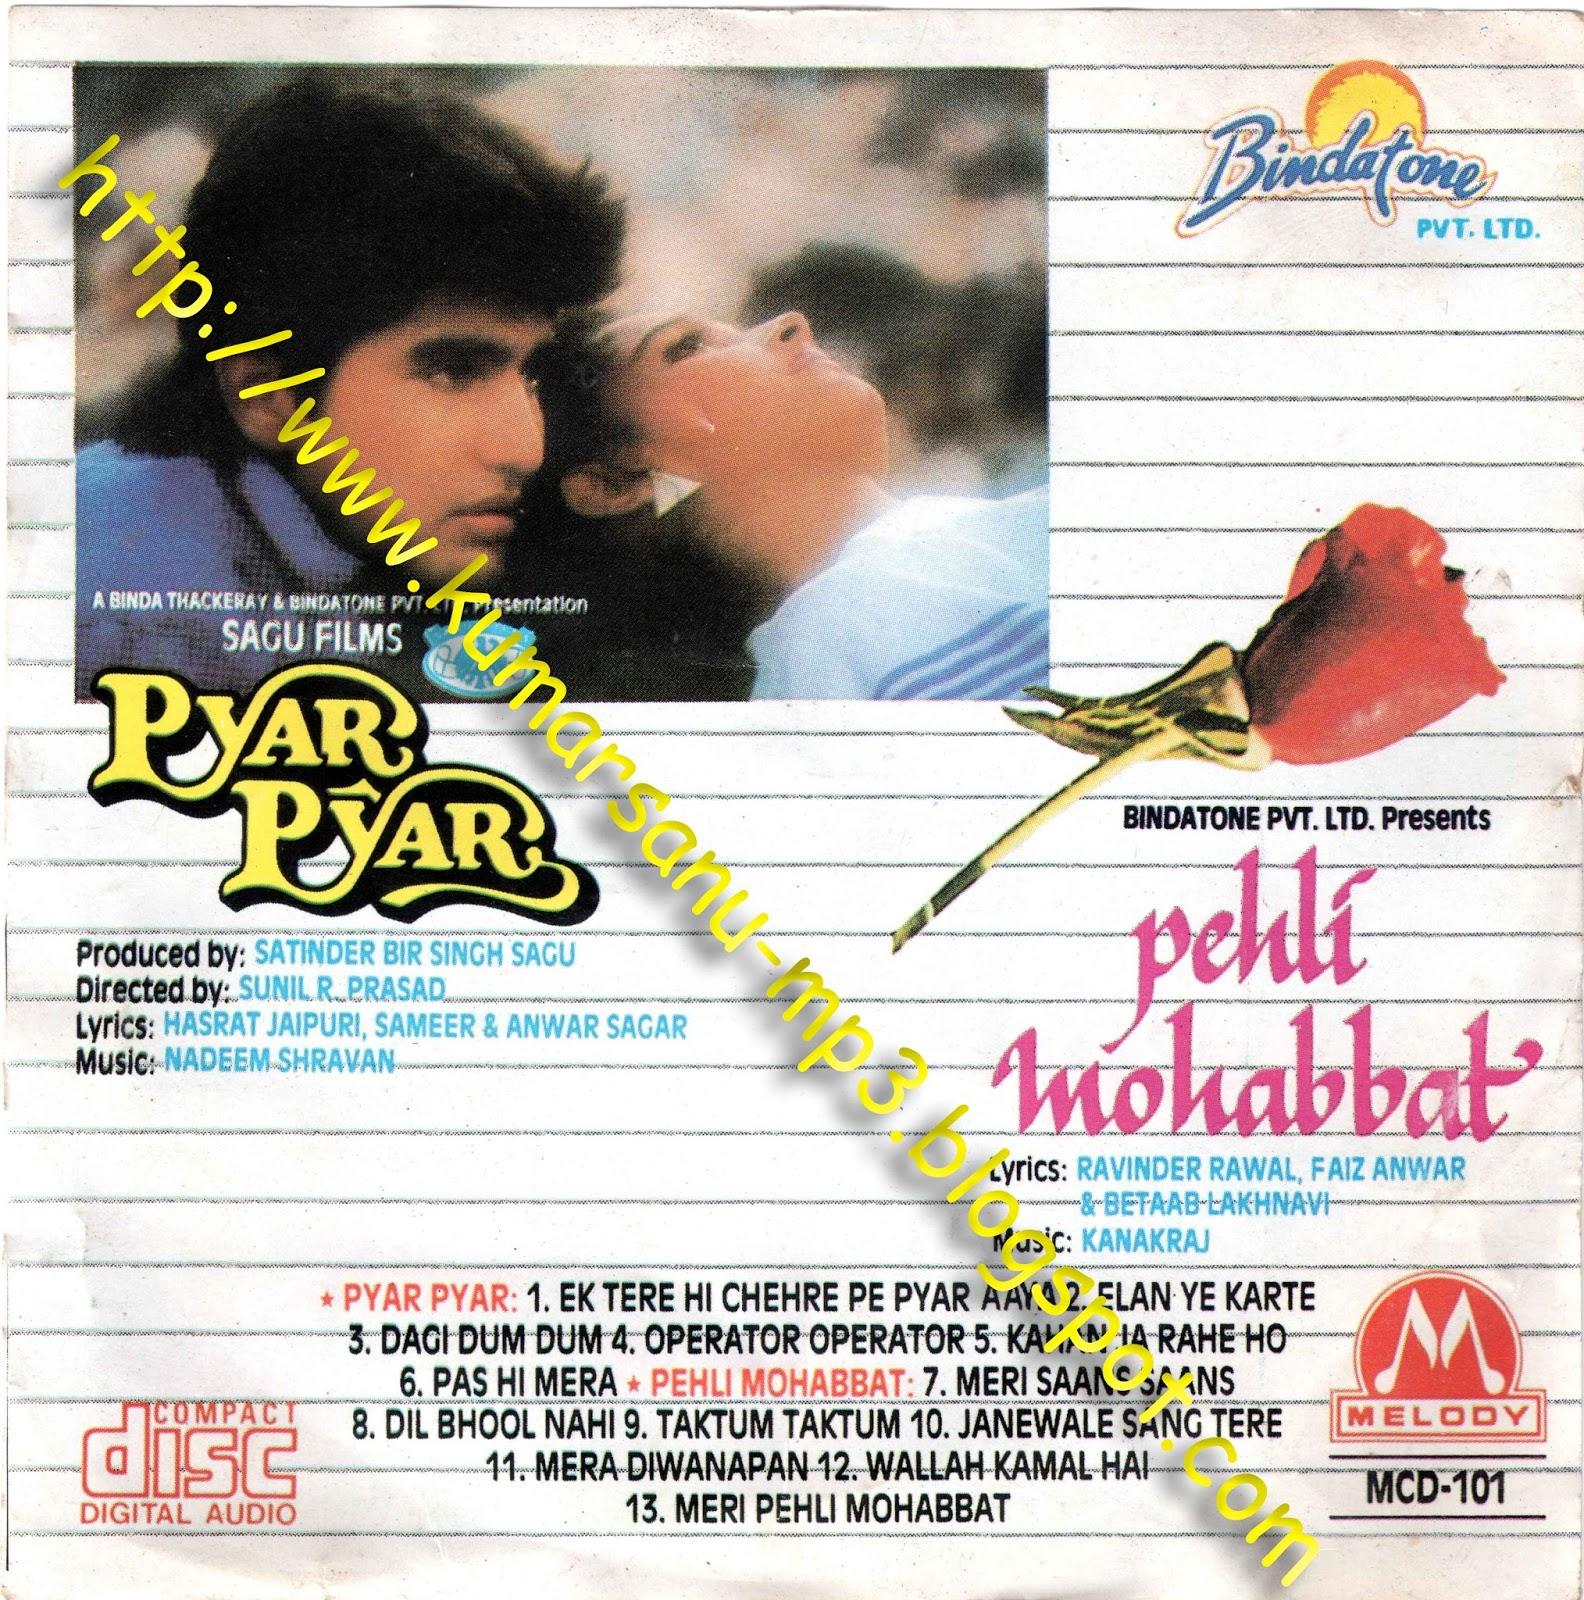 Pheli Mulakat Rohanpreet Mp3 Dowanload: Sanump3songs: Pehli Mohabbat (1993) Original